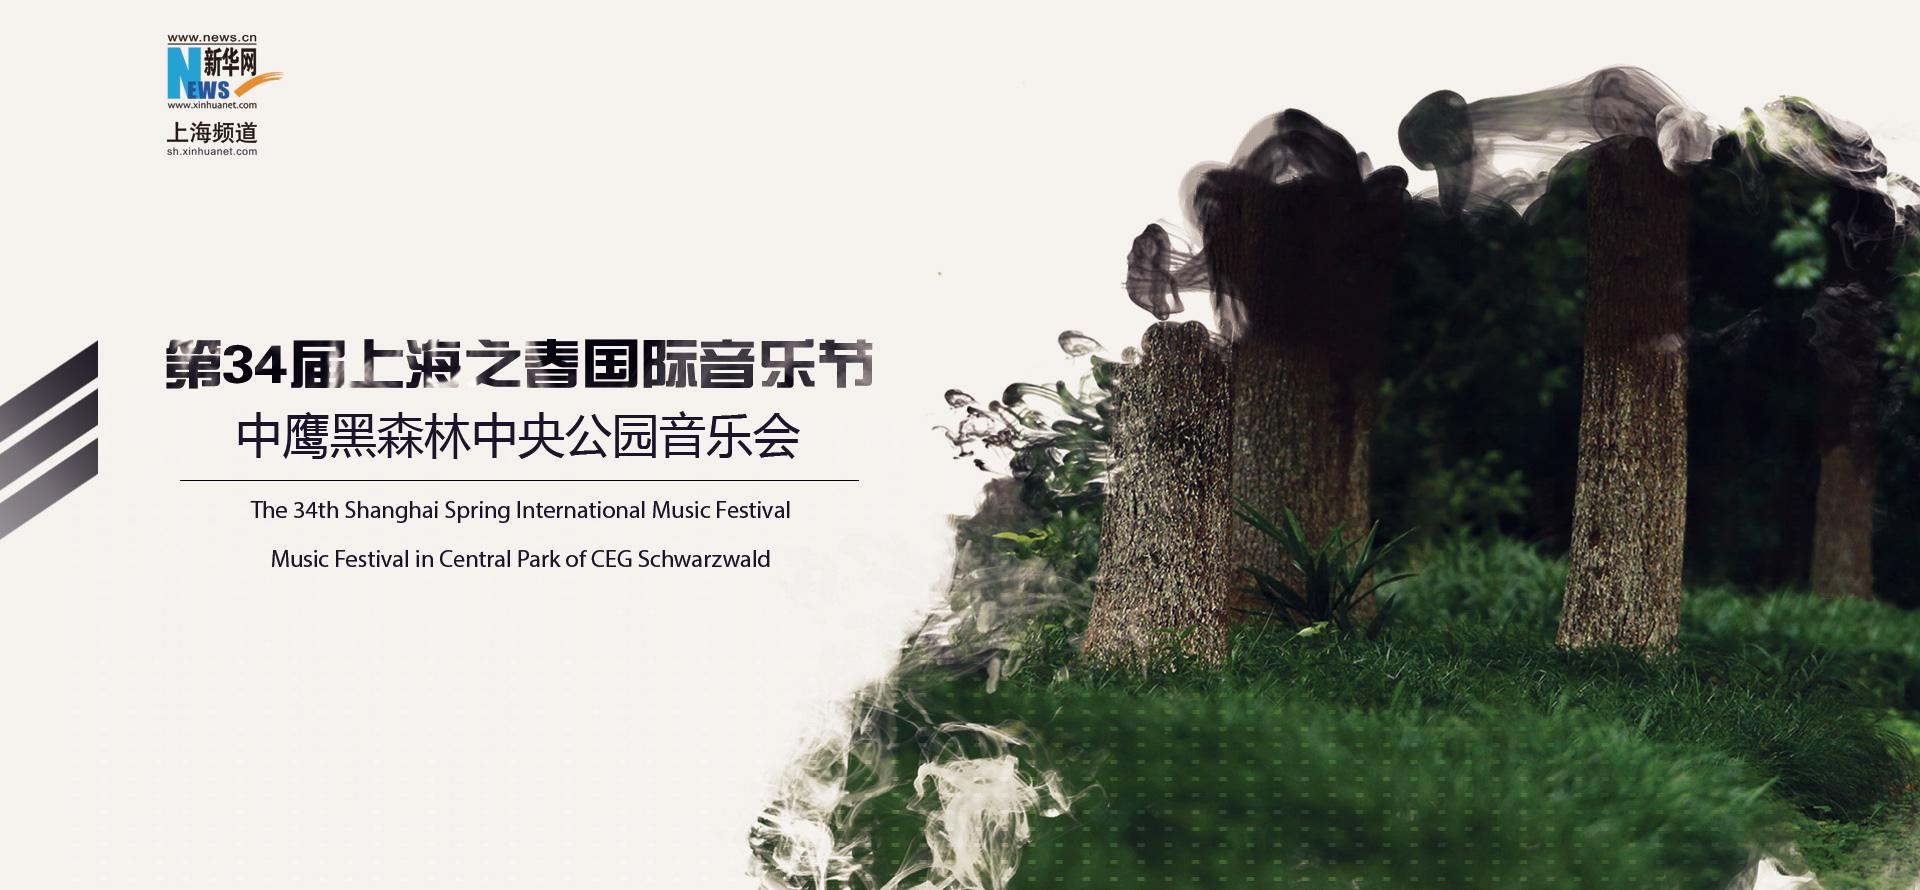 第34届上海之春国际音乐节中鹰黑森林中央公园音乐会